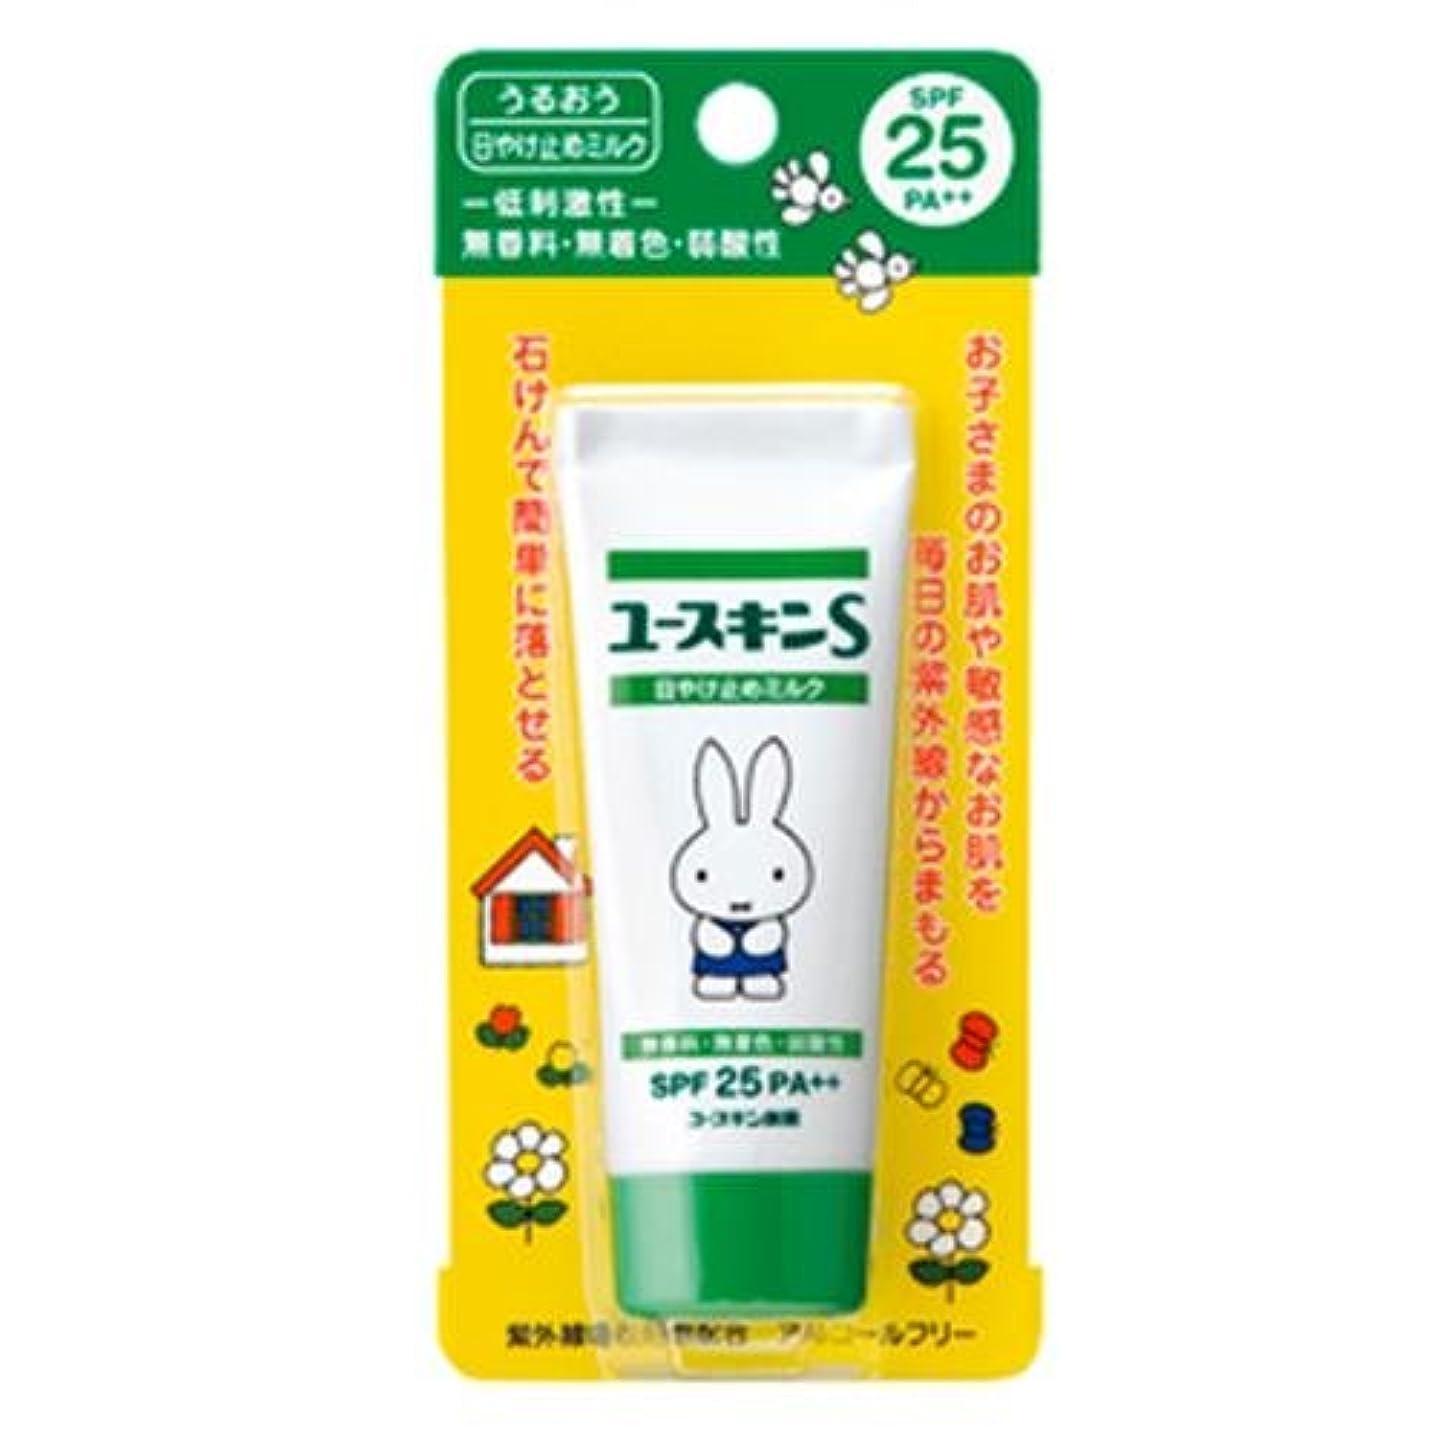 シーン赤字スリットユースキンS UVミルク SPF25 PA++ 40g (敏感肌用 日焼け止め)